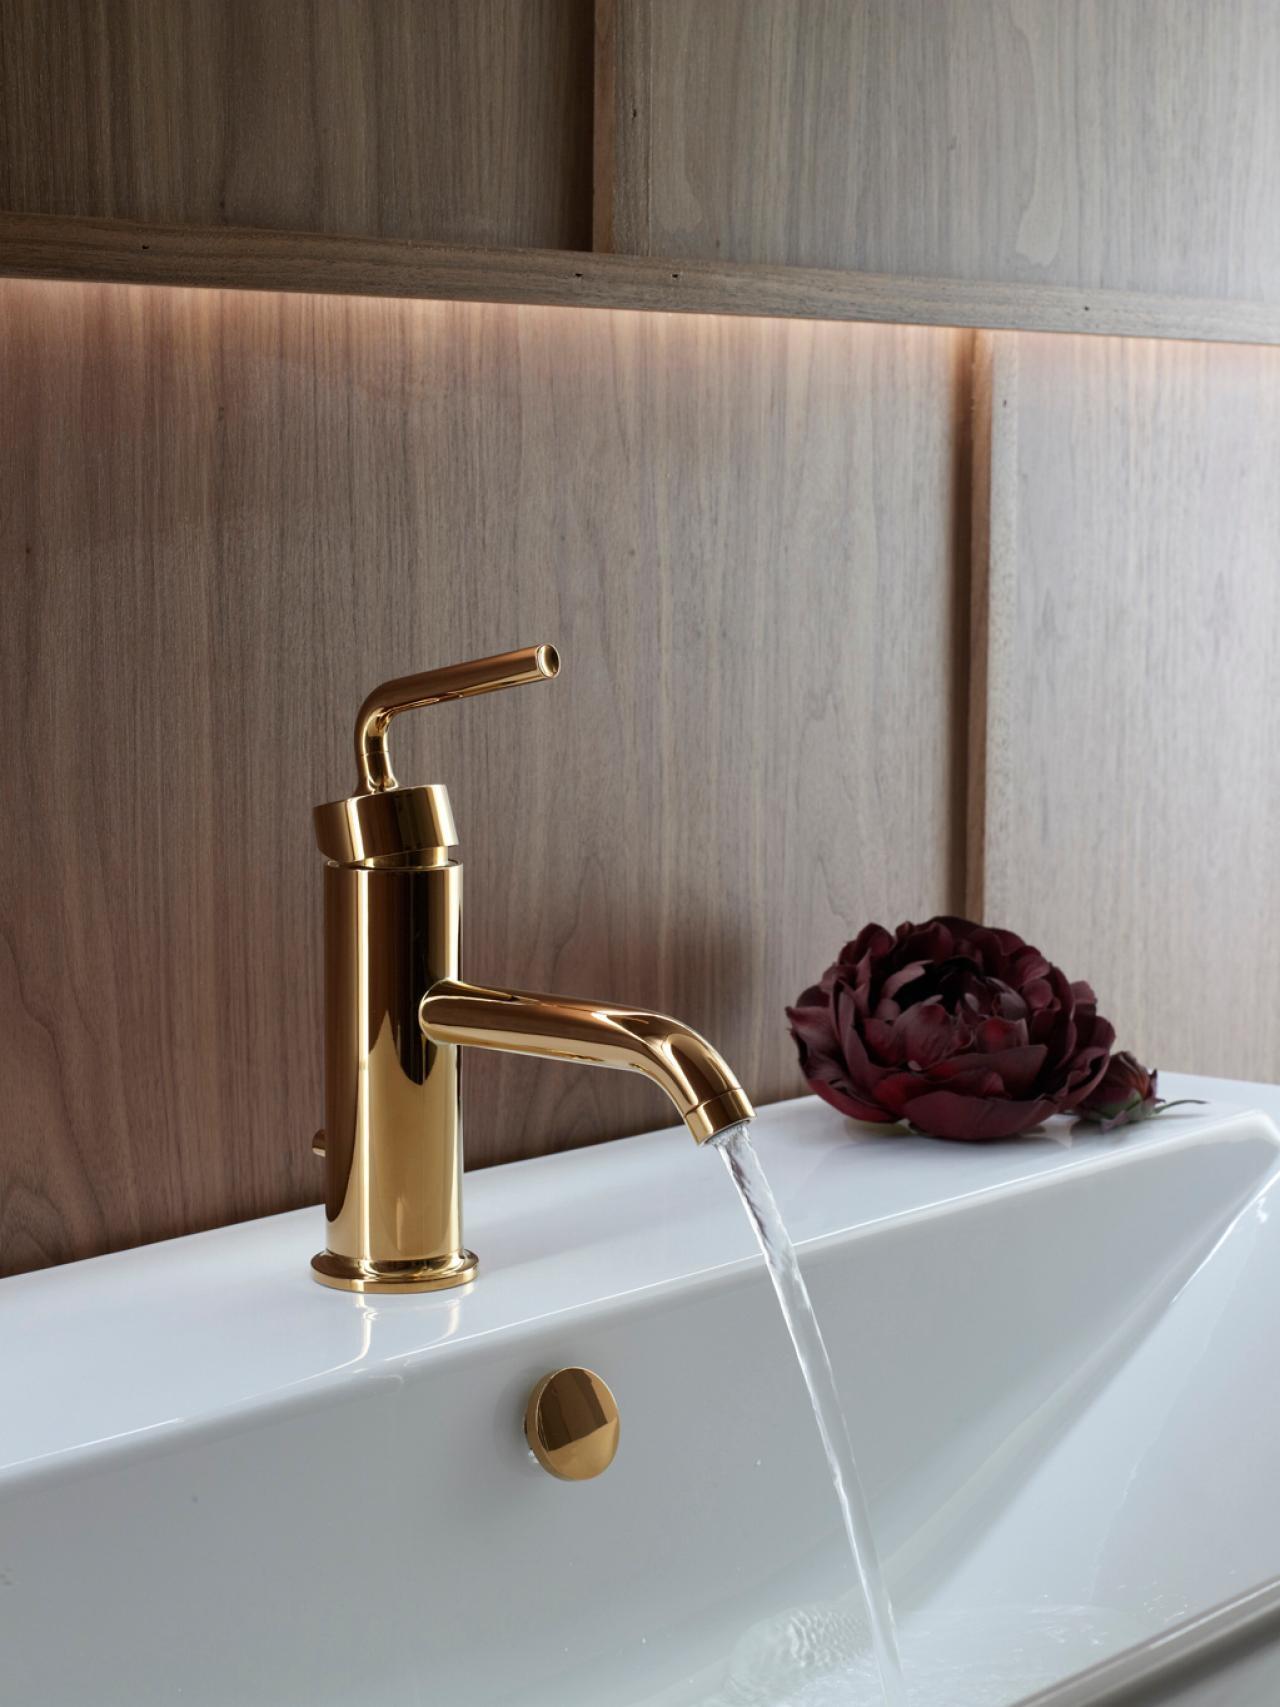 kohler brushed bronze bathroom faucets kohler brushed bronze bathroom faucets bath shower fabulous bathroom faucets for modern bathroom 1280 x 1707 jpeg